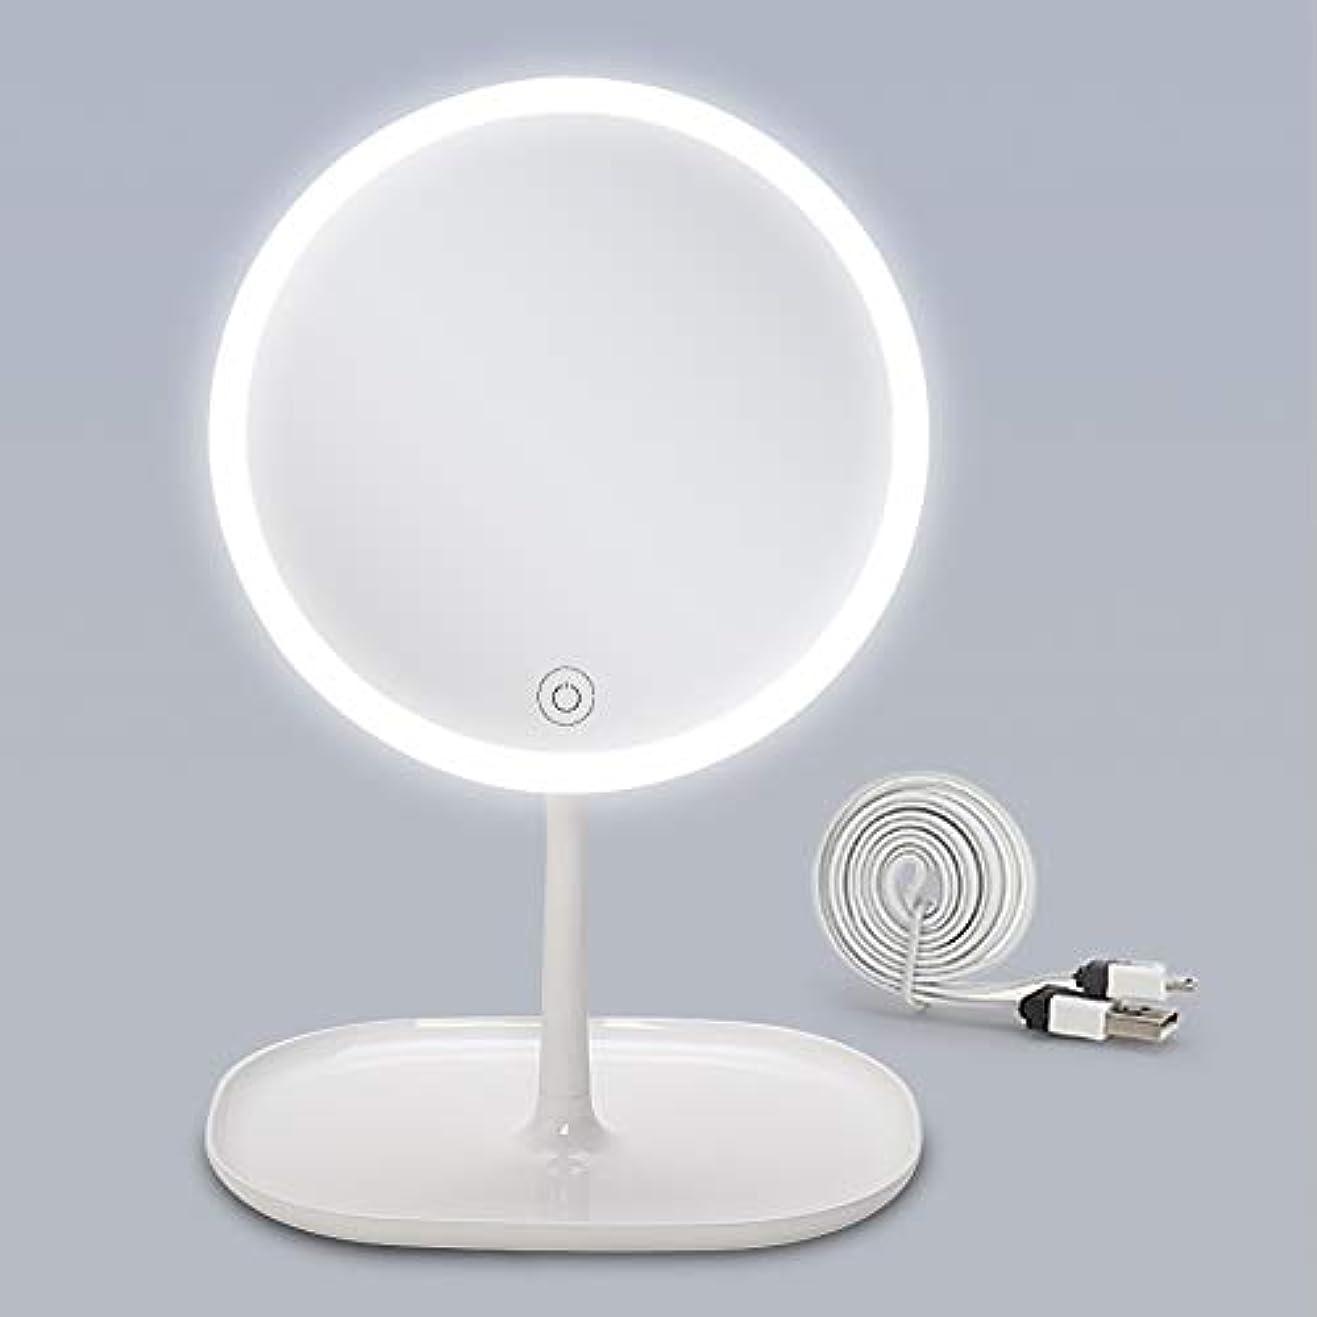 下手マインドフル広告主(セーディコ)Cerdeco 大きめLEDメイクアップミラー 自然な光 タッチパネルで3段階調光 便利なトレー 卓上鏡 スタンドミラー 昼光色/電球色/昼白色 USBケーブル付き 鏡面φ201mm